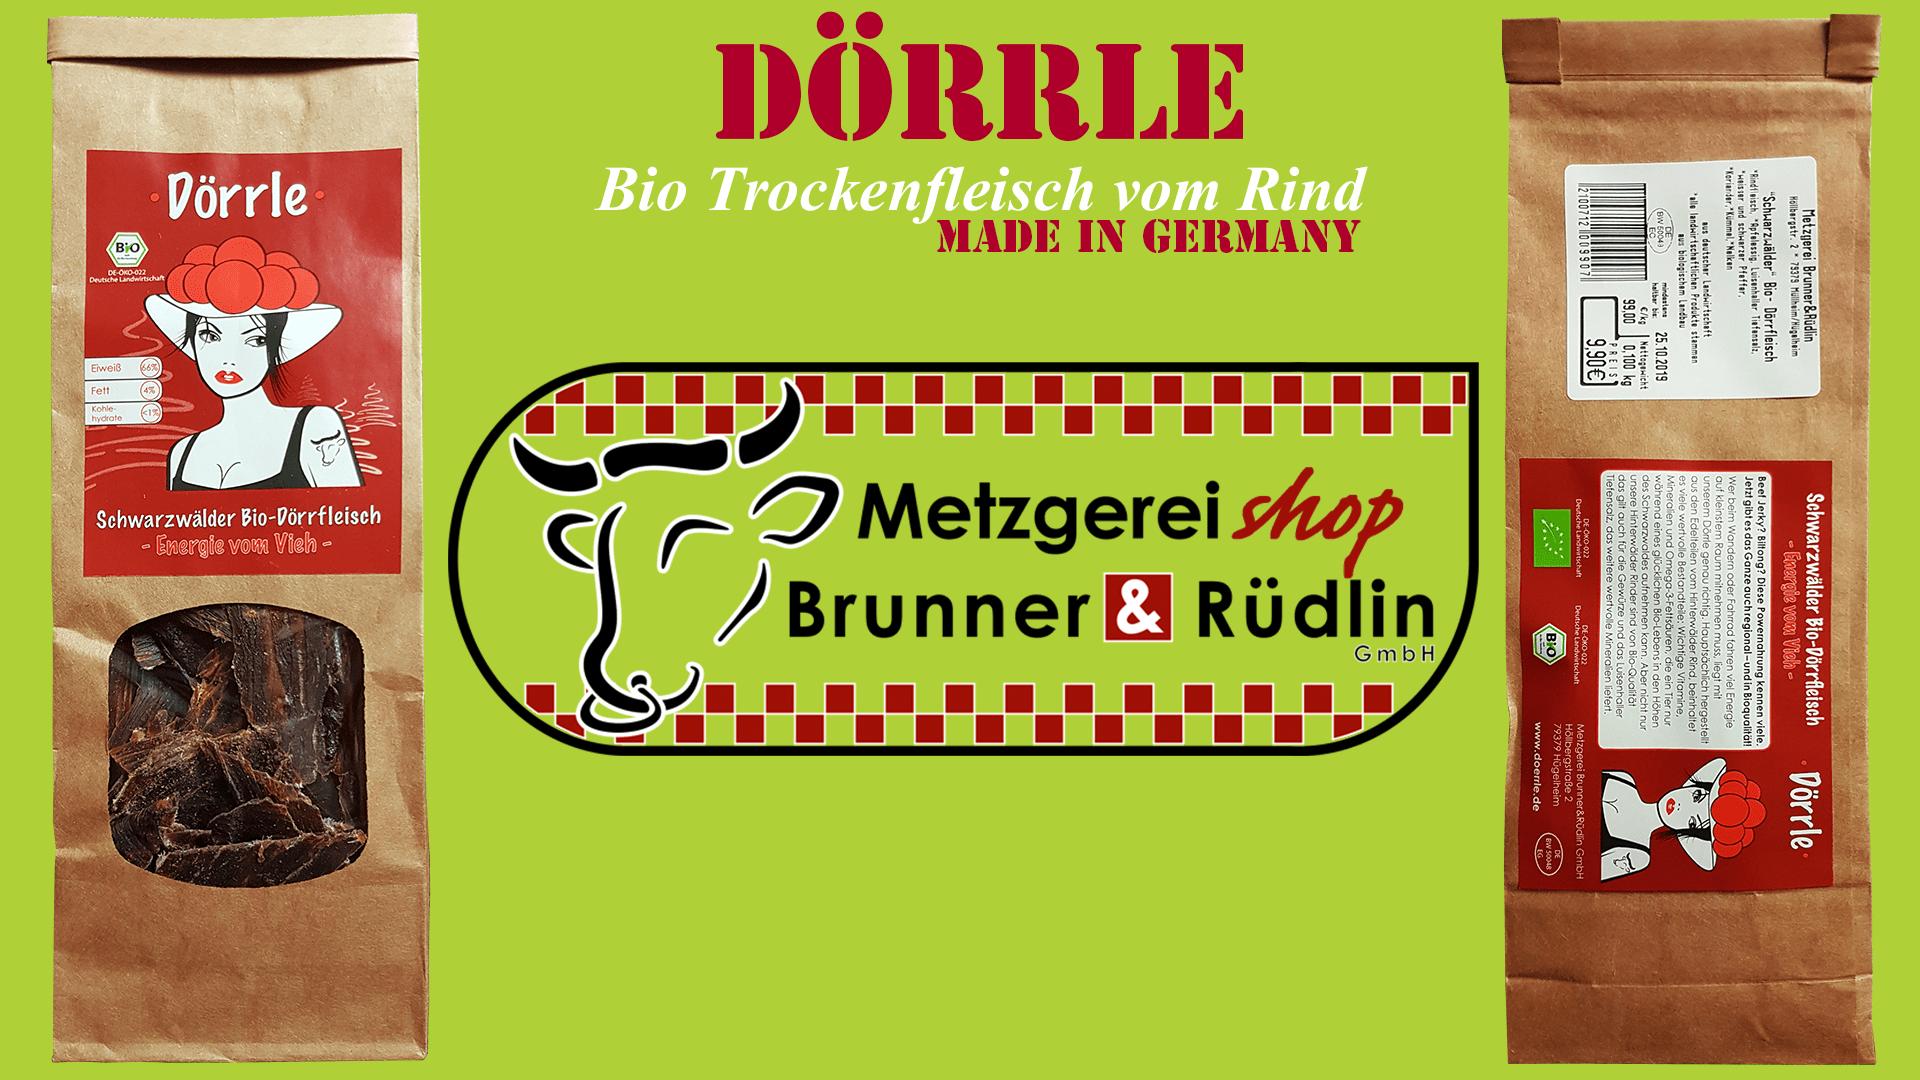 Dörrle - BioTrockenFleisch